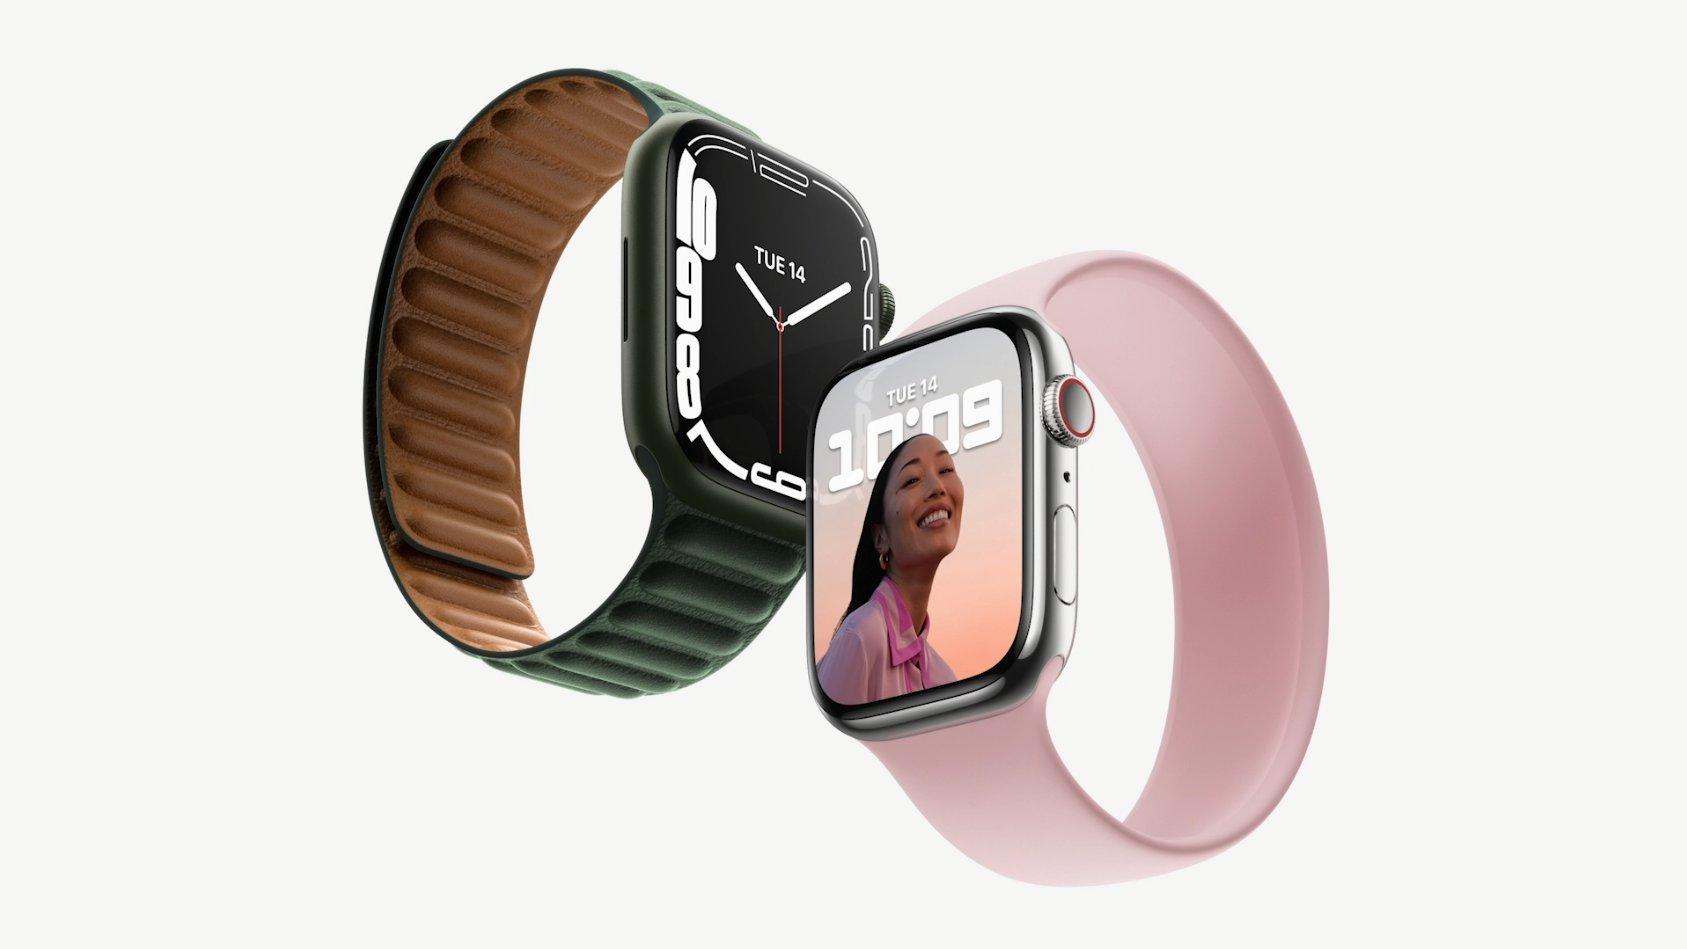 E QydrjXIA4 Cpg 1 - Apple announces Apple Watch Series 7